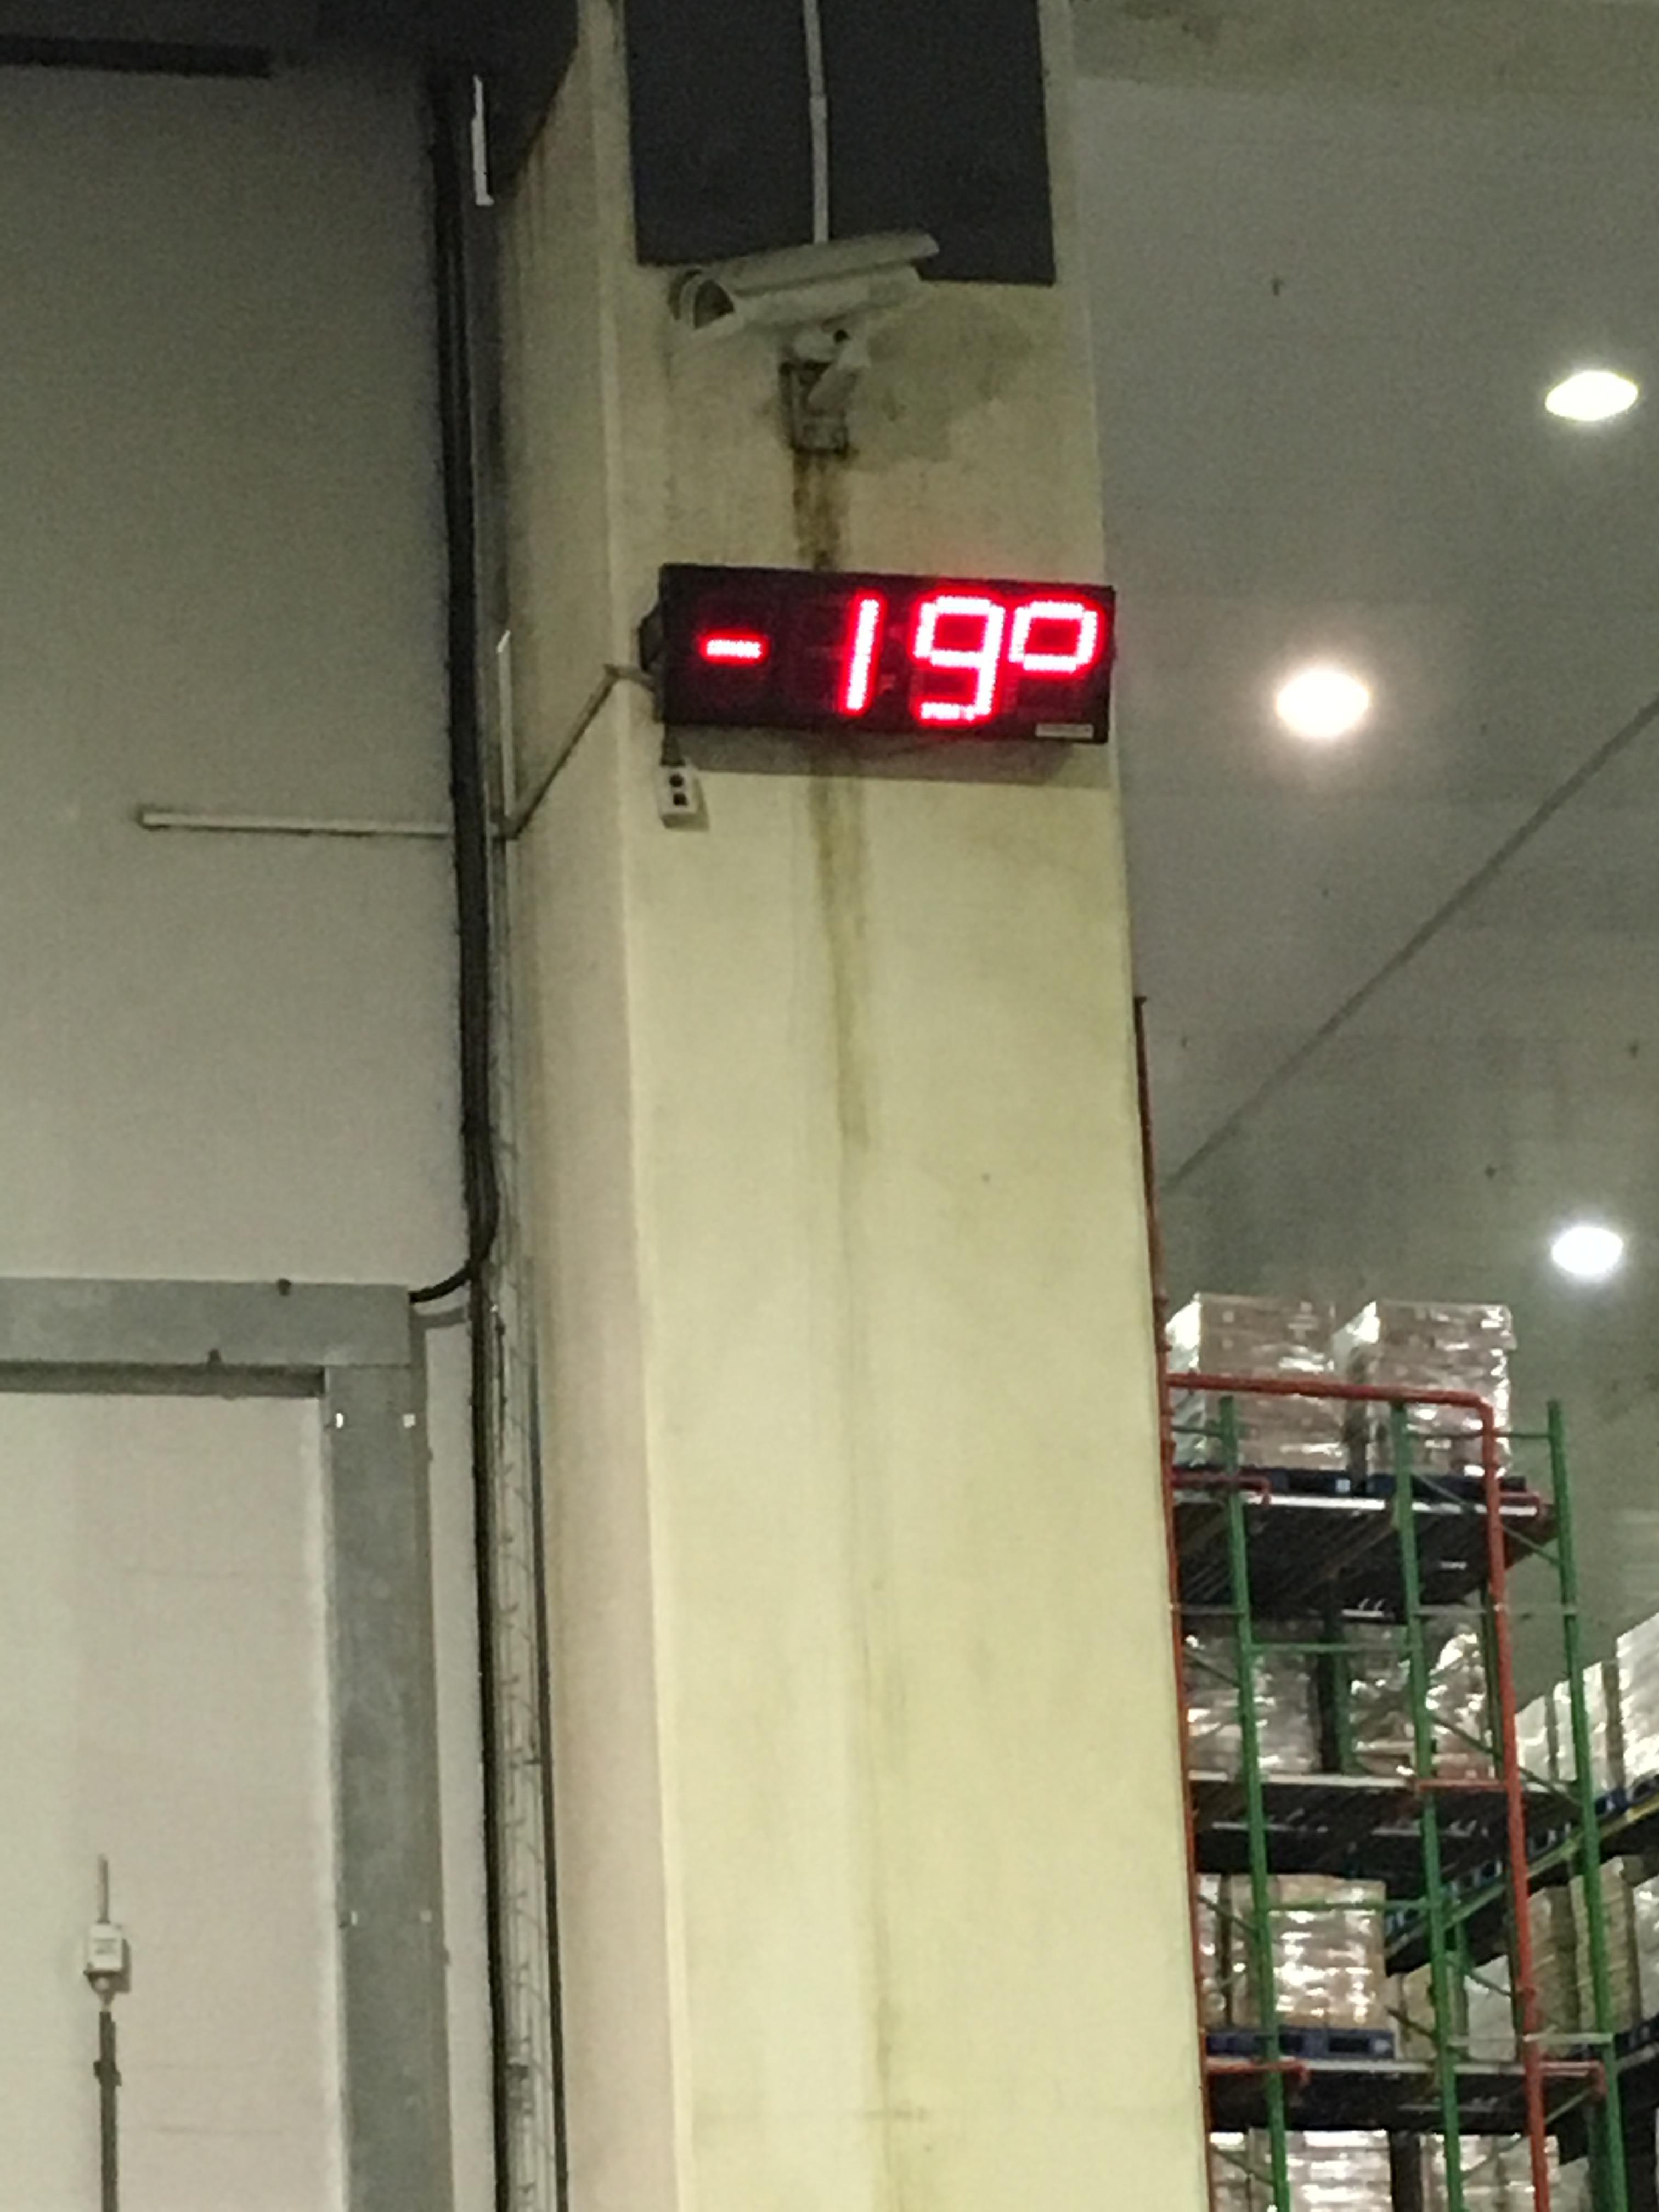 IGLO Lufttür Lösung Spar Gruppe Südafrika Temperatur